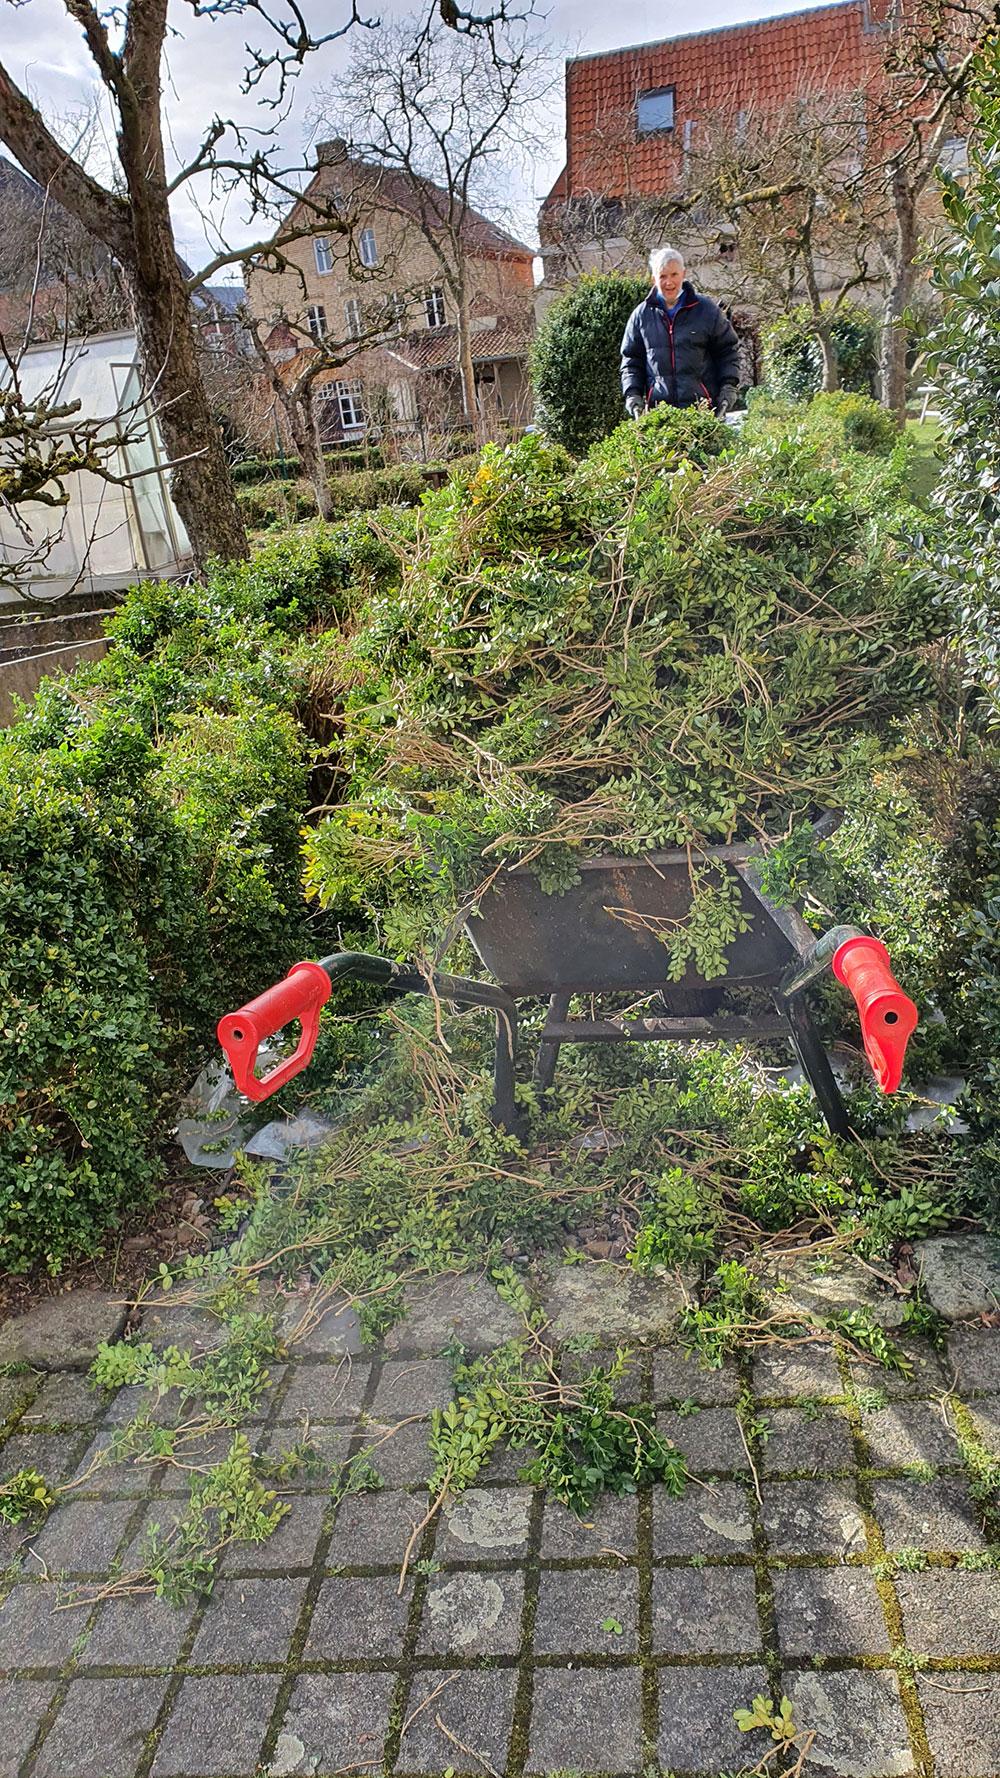 Grünschnitt von der Buchsbaumhecke, in Schubkarre aufgetürmt